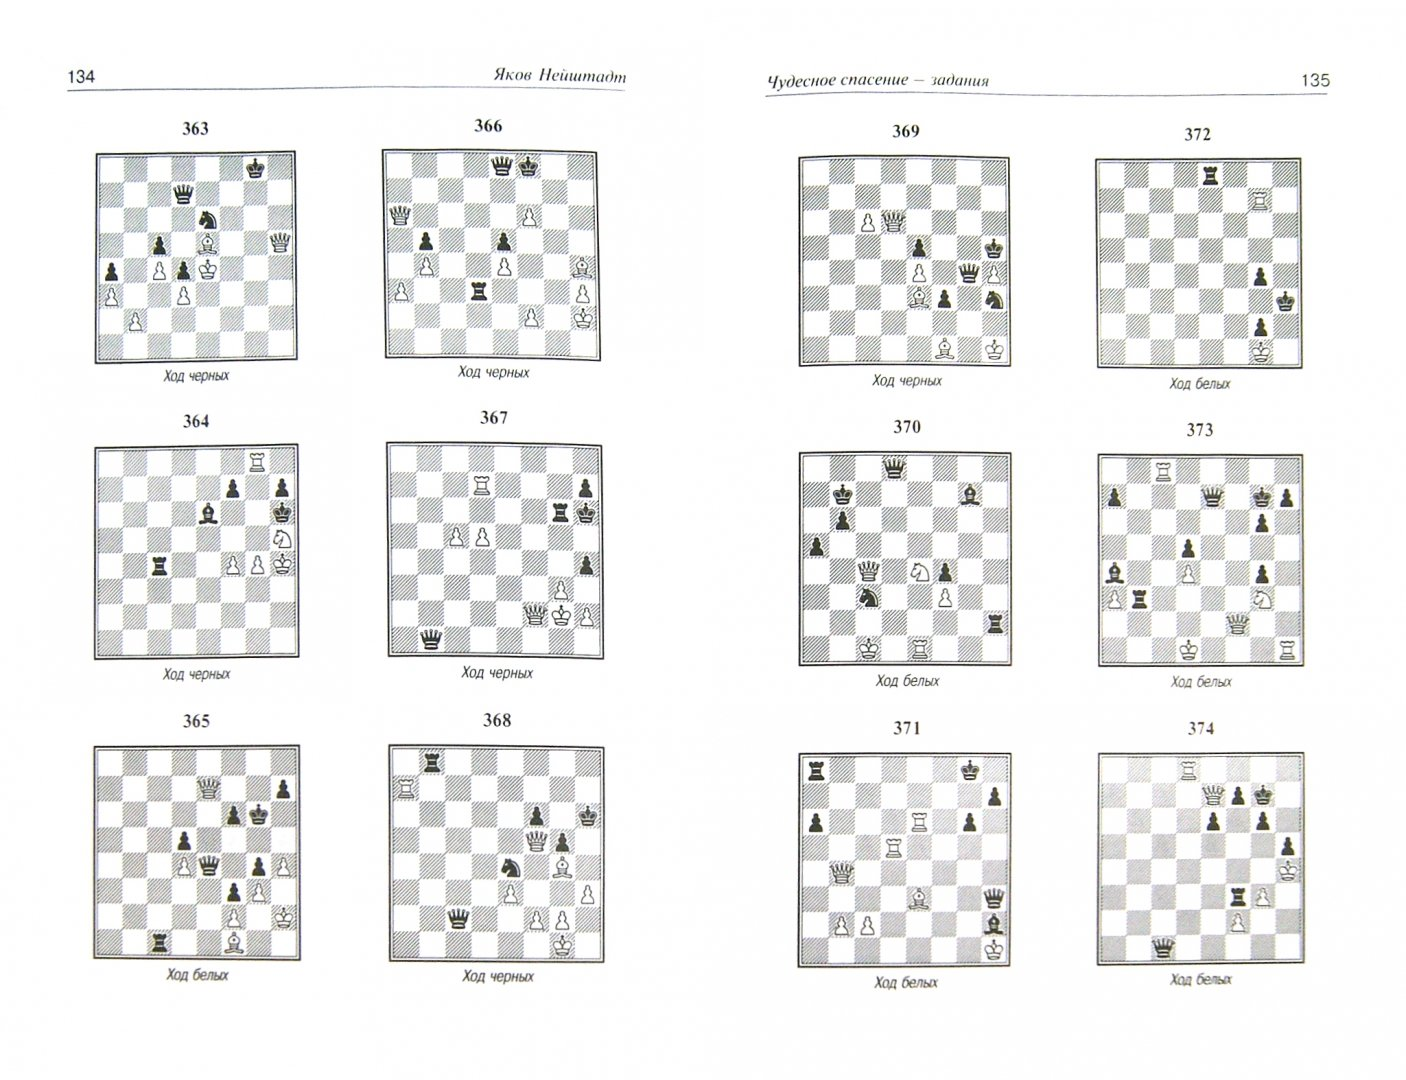 Иллюстрация 1 из 17 для Ваш решающий ход. Учебник шахматной комбинации. Практикум - Яков Нейштадт | Лабиринт - книги. Источник: Лабиринт